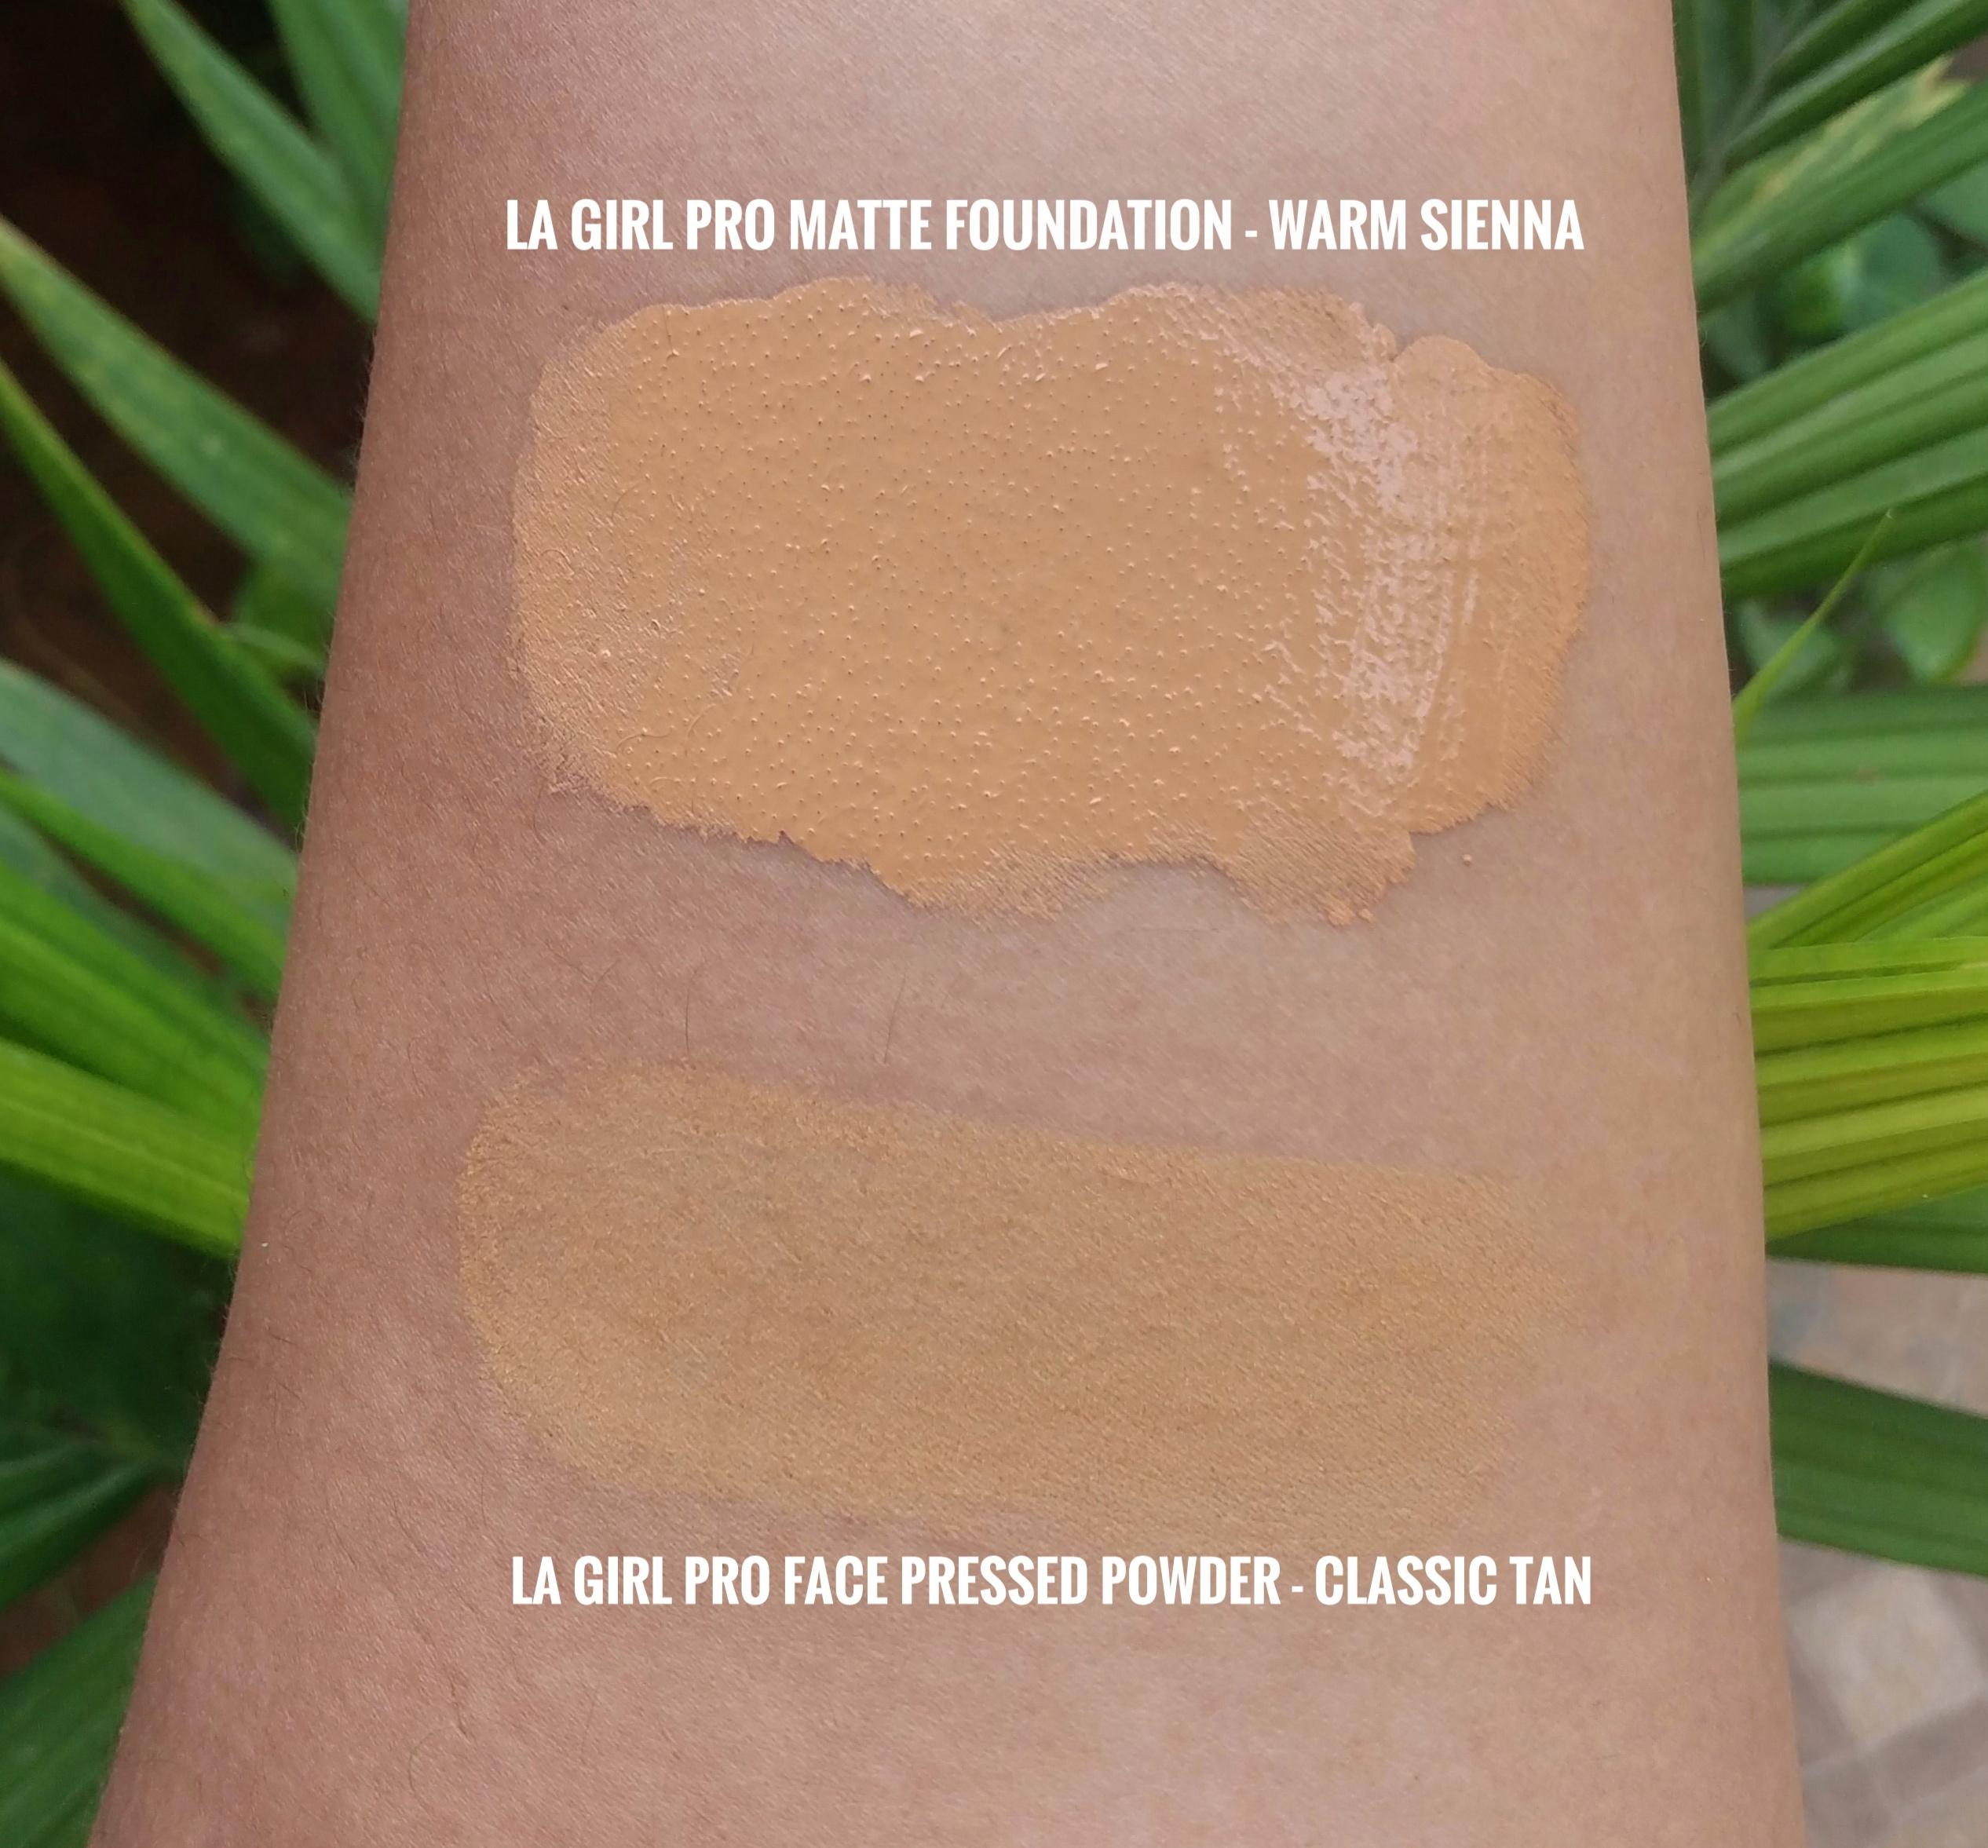 LA GIRL PRO MATTE FOUNDATION 5-01.jpeg